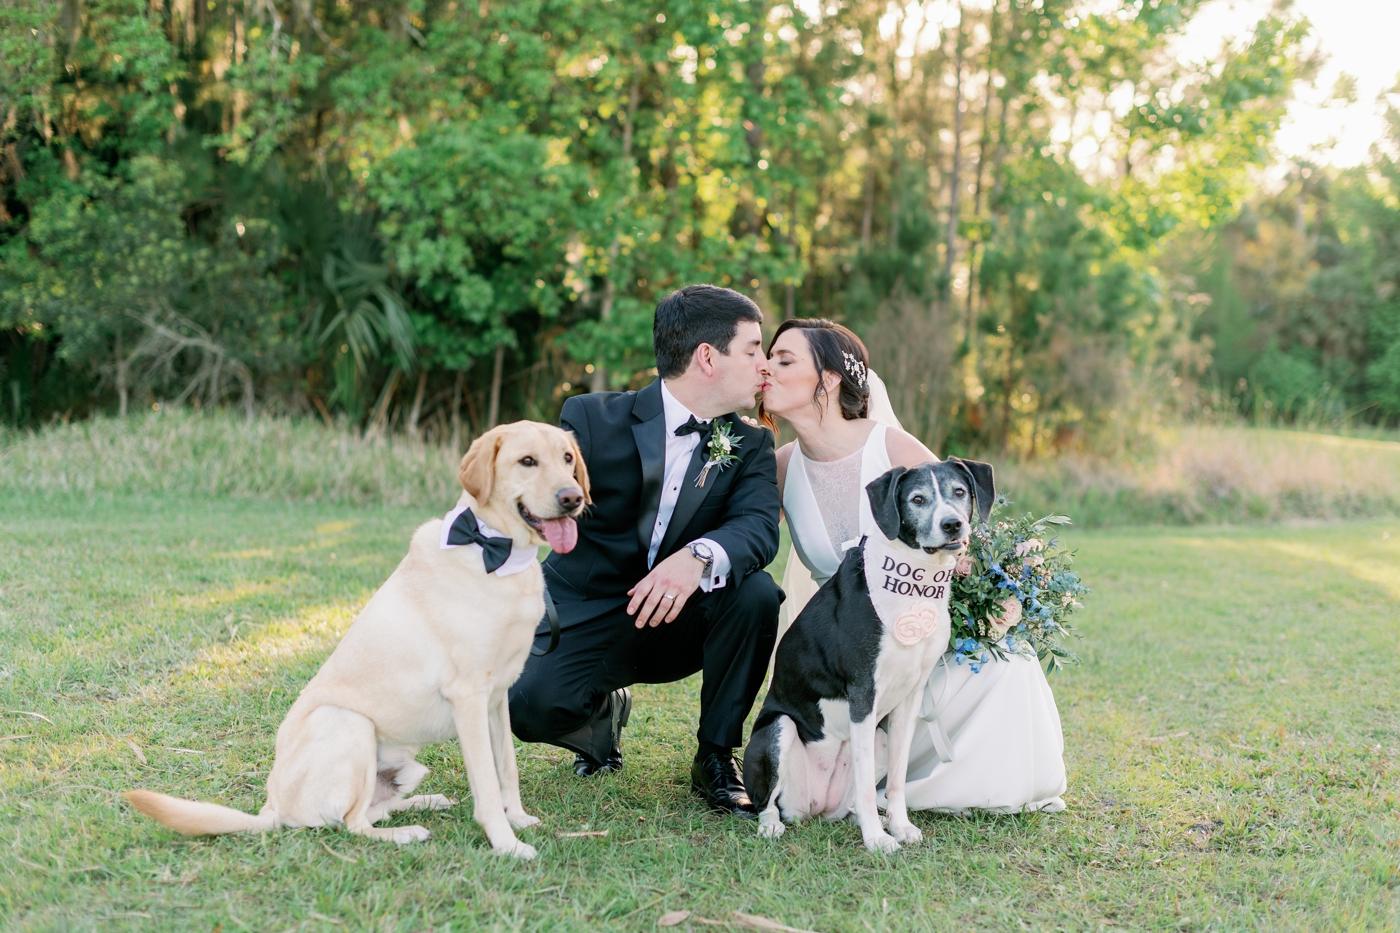 wedding portraits photography